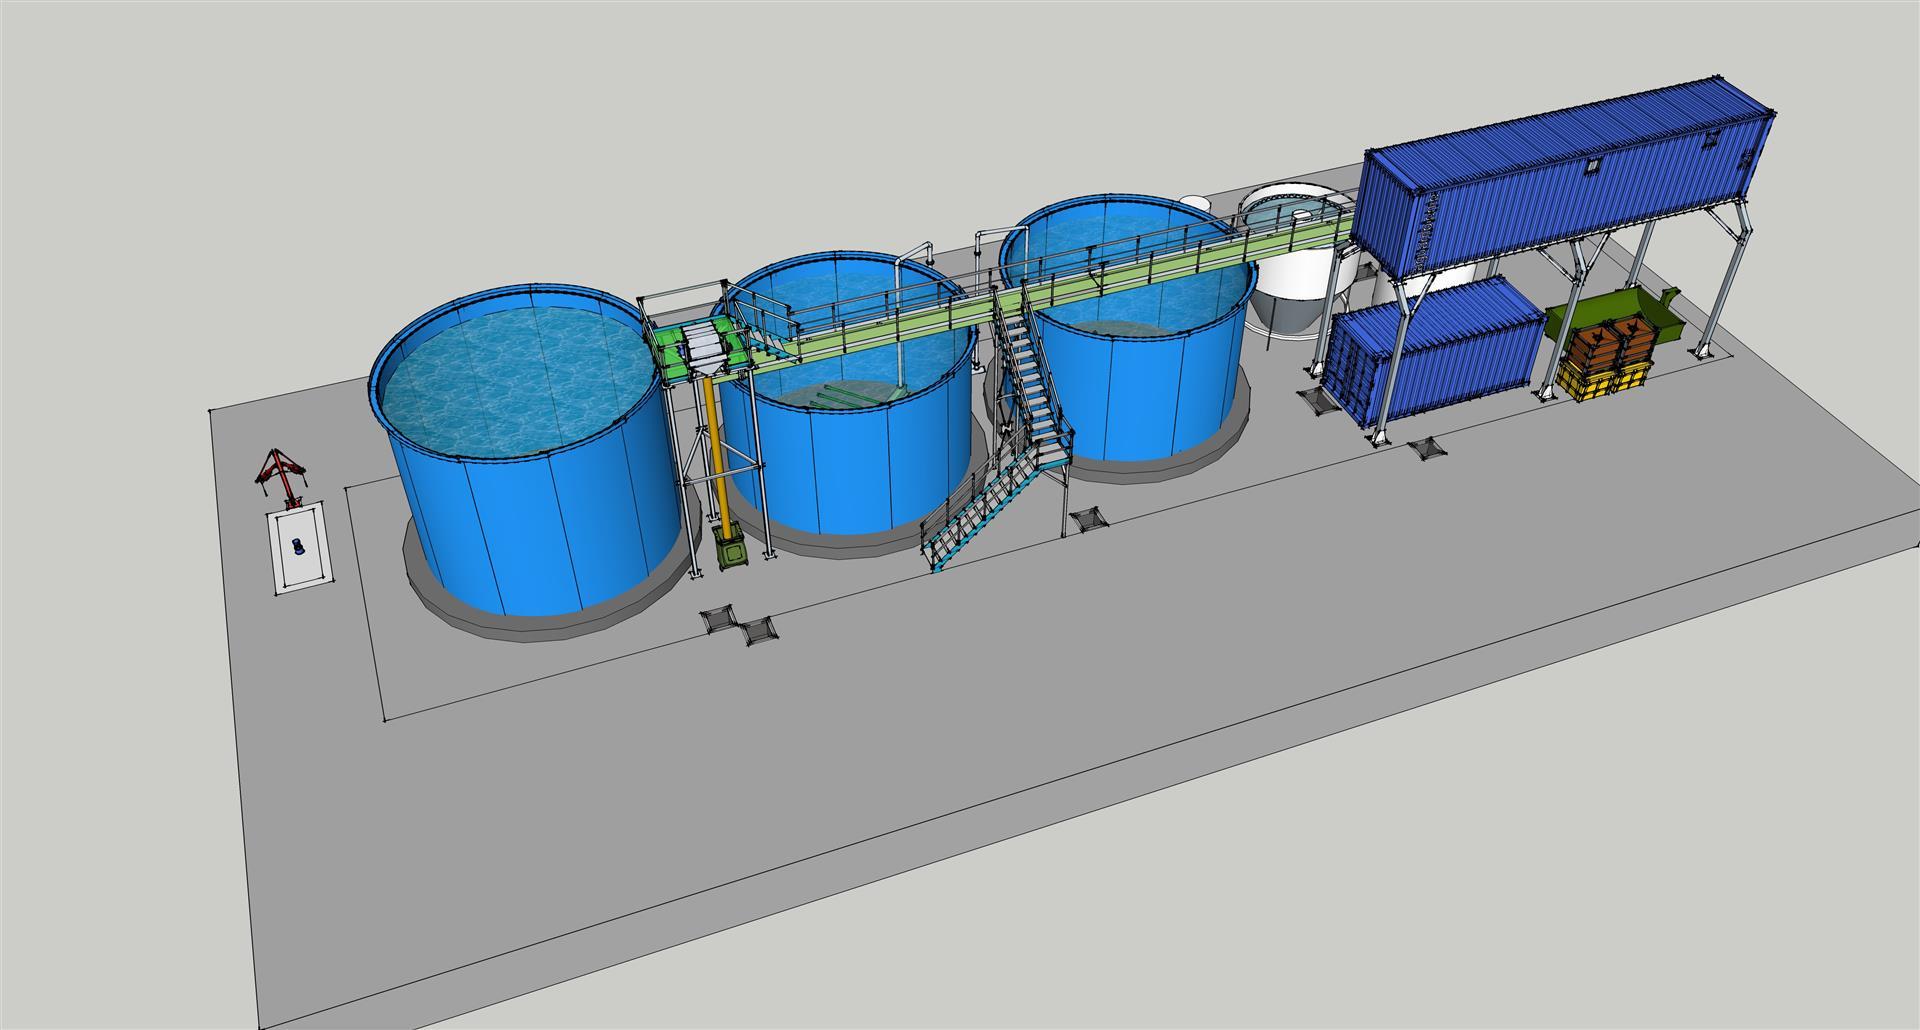 Estación de depuración de aguas residuales, lavadero de cisternas